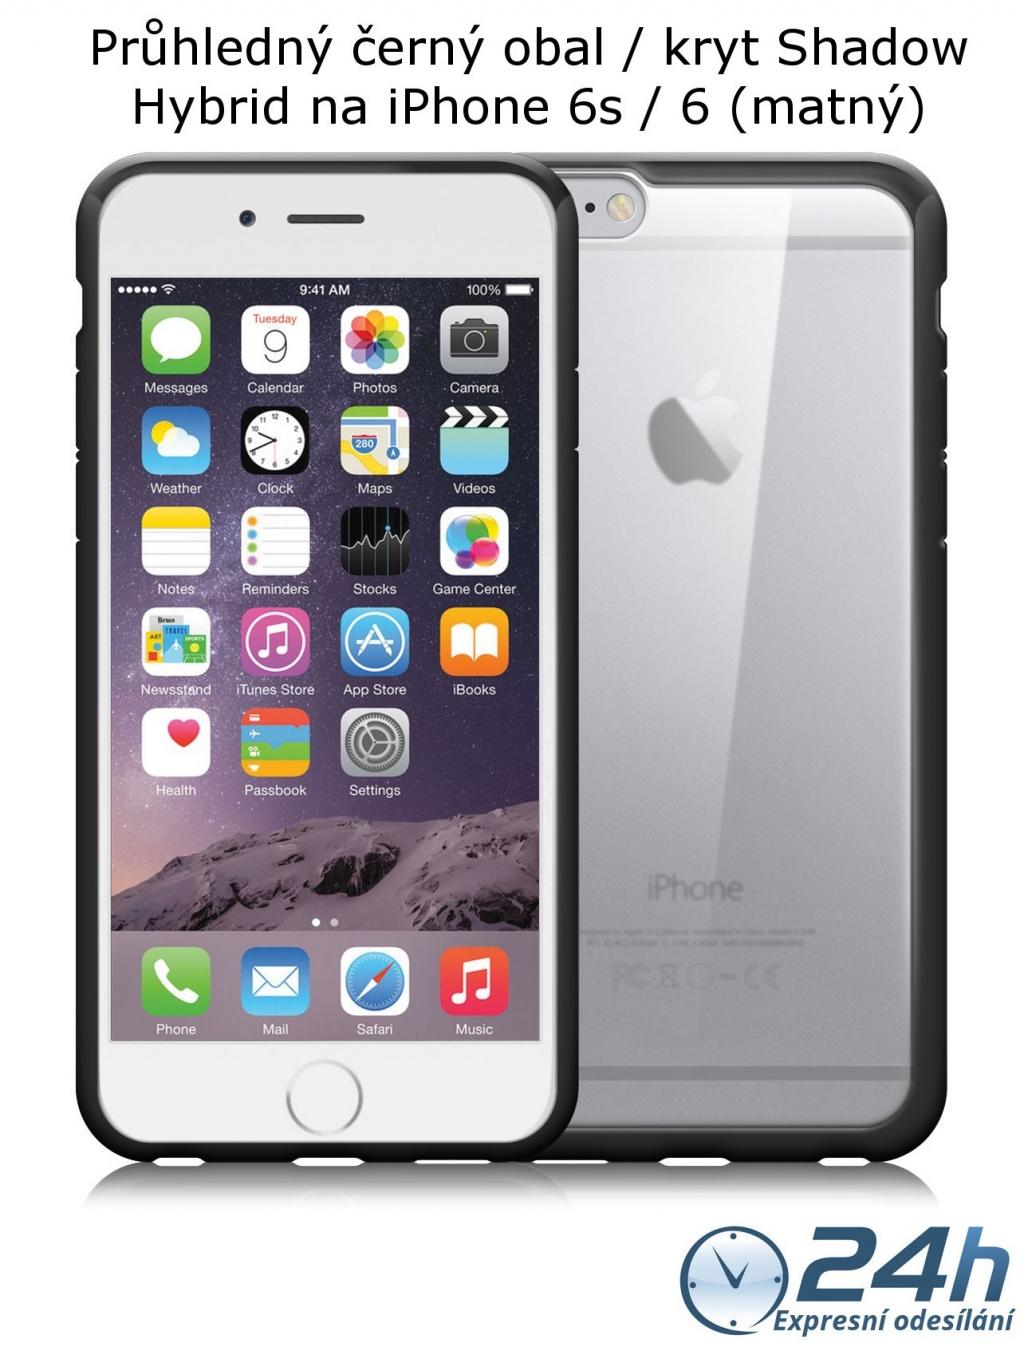 Pouzdro Shadow Hybrid pro Apple iPhone 6s / 6, průhledný